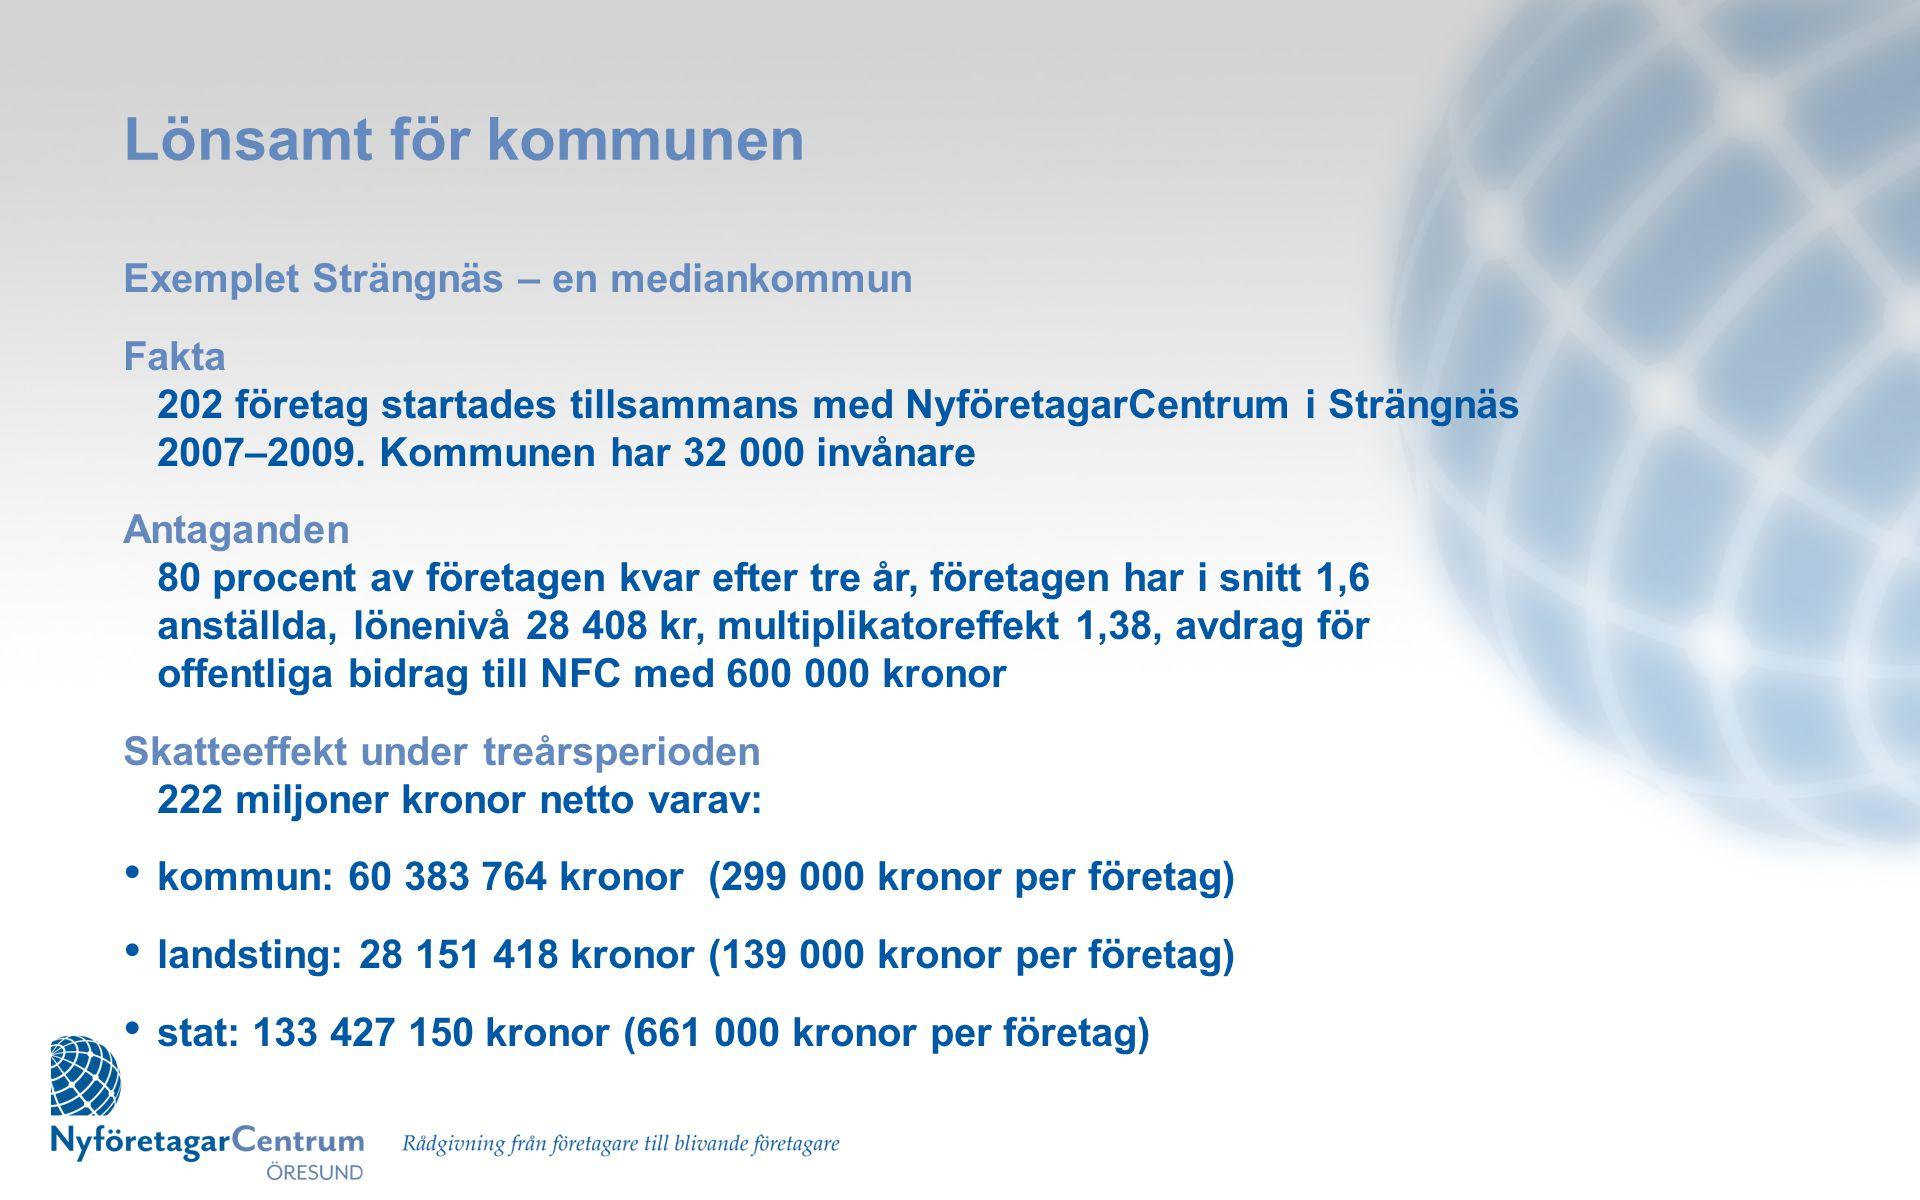 Lönsamt för kommunen Exemplet Strängnäs – en mediankommun